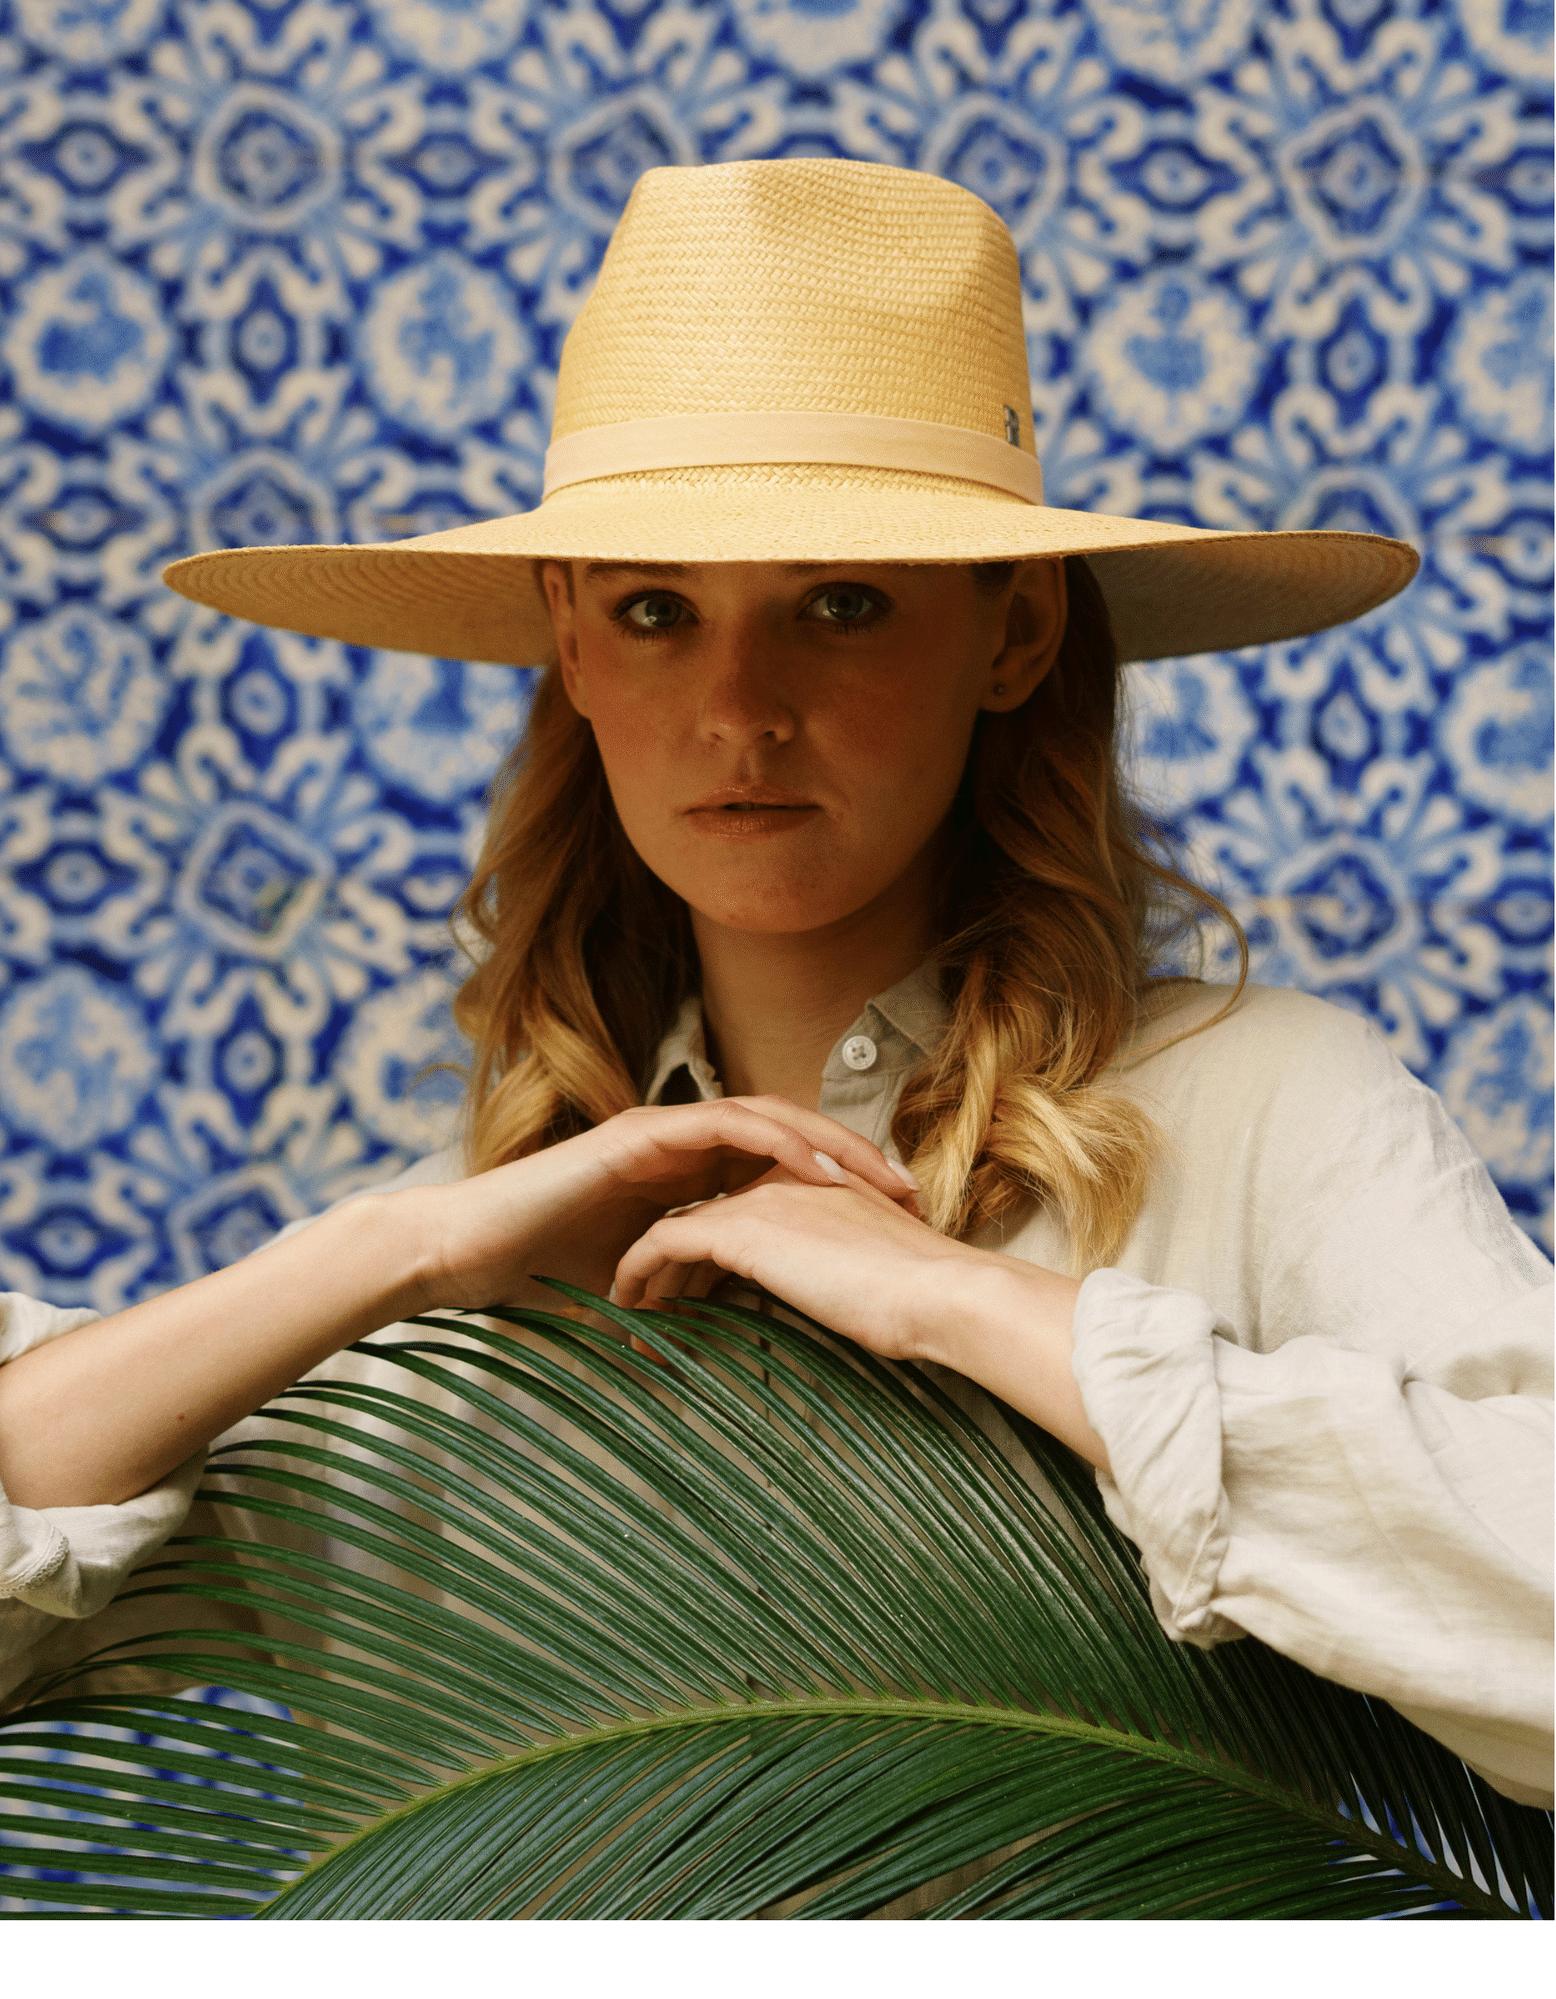 Top Sombreros de Playa Panama Verano